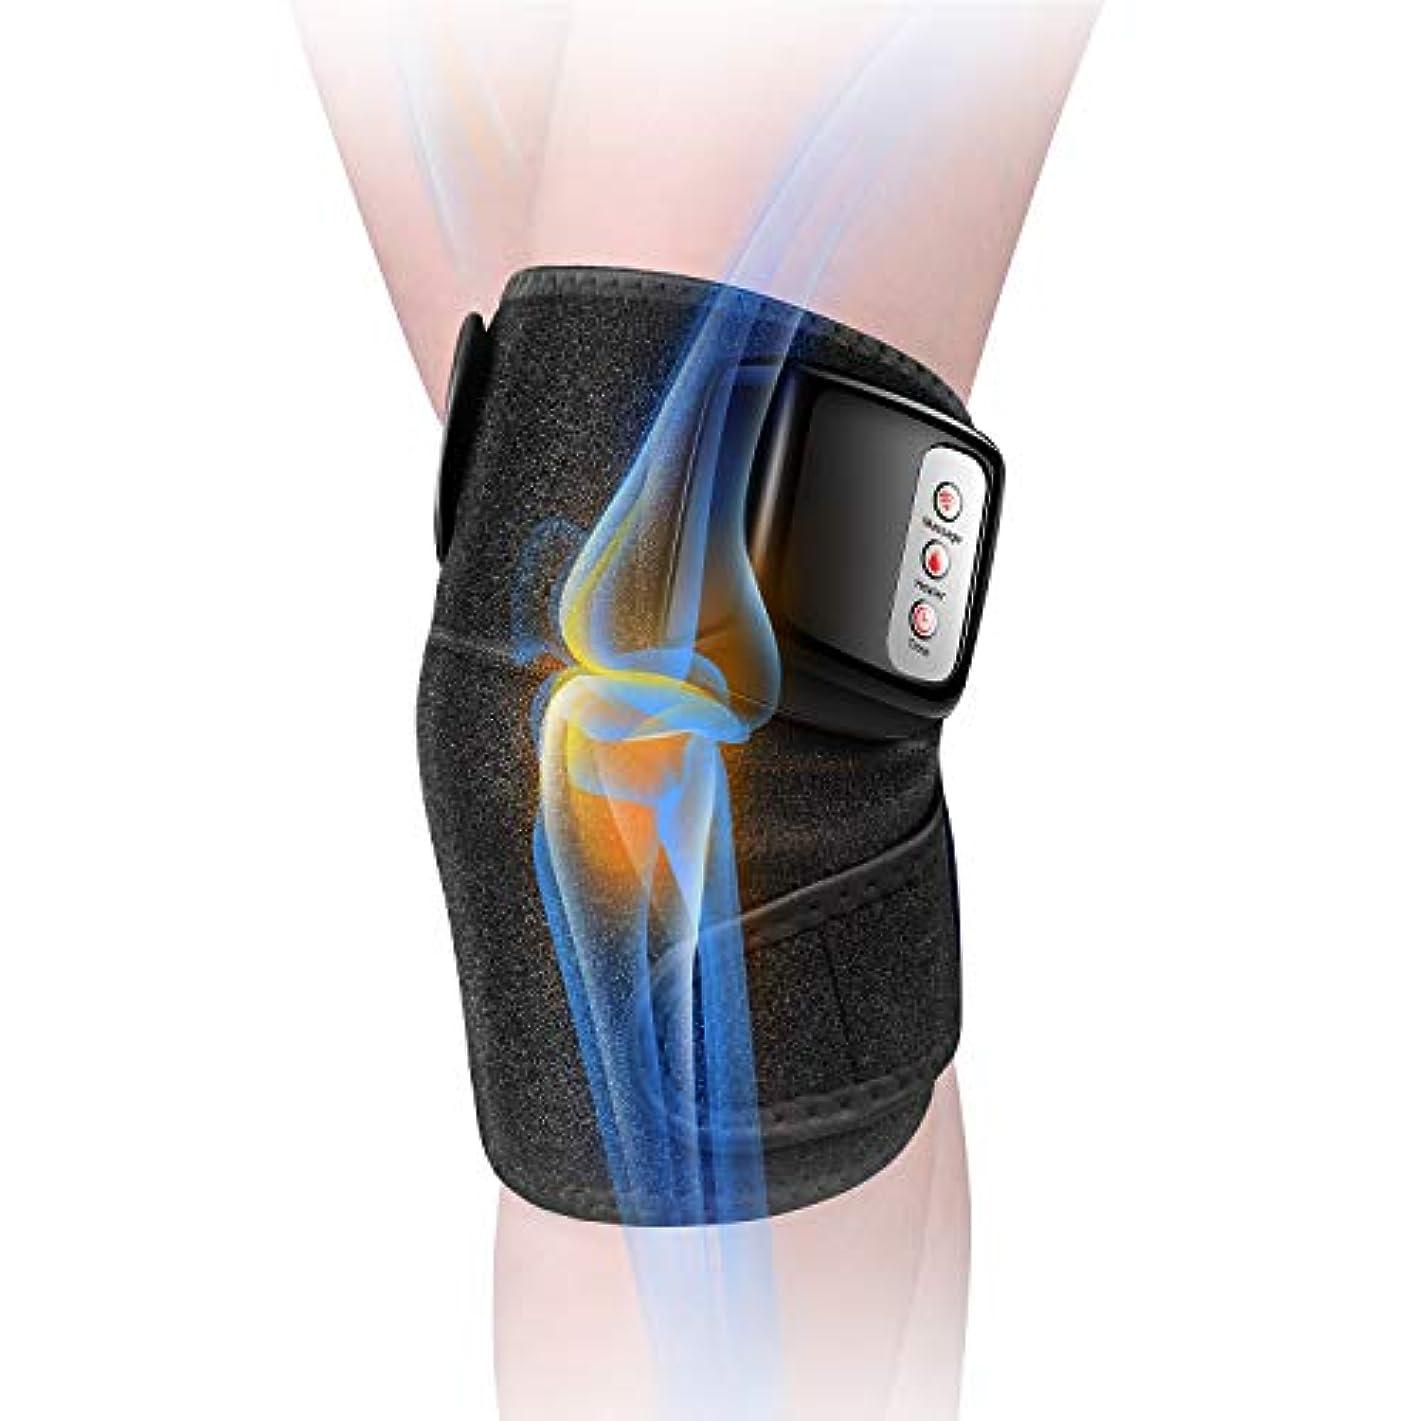 戦い松明落花生膝マッサージャー 関節マッサージャー マッサージ器 フットマッサージャー 振動 赤外線療法 温熱療法 膝サポーター ストレス解消 肩 太もも/腕対応